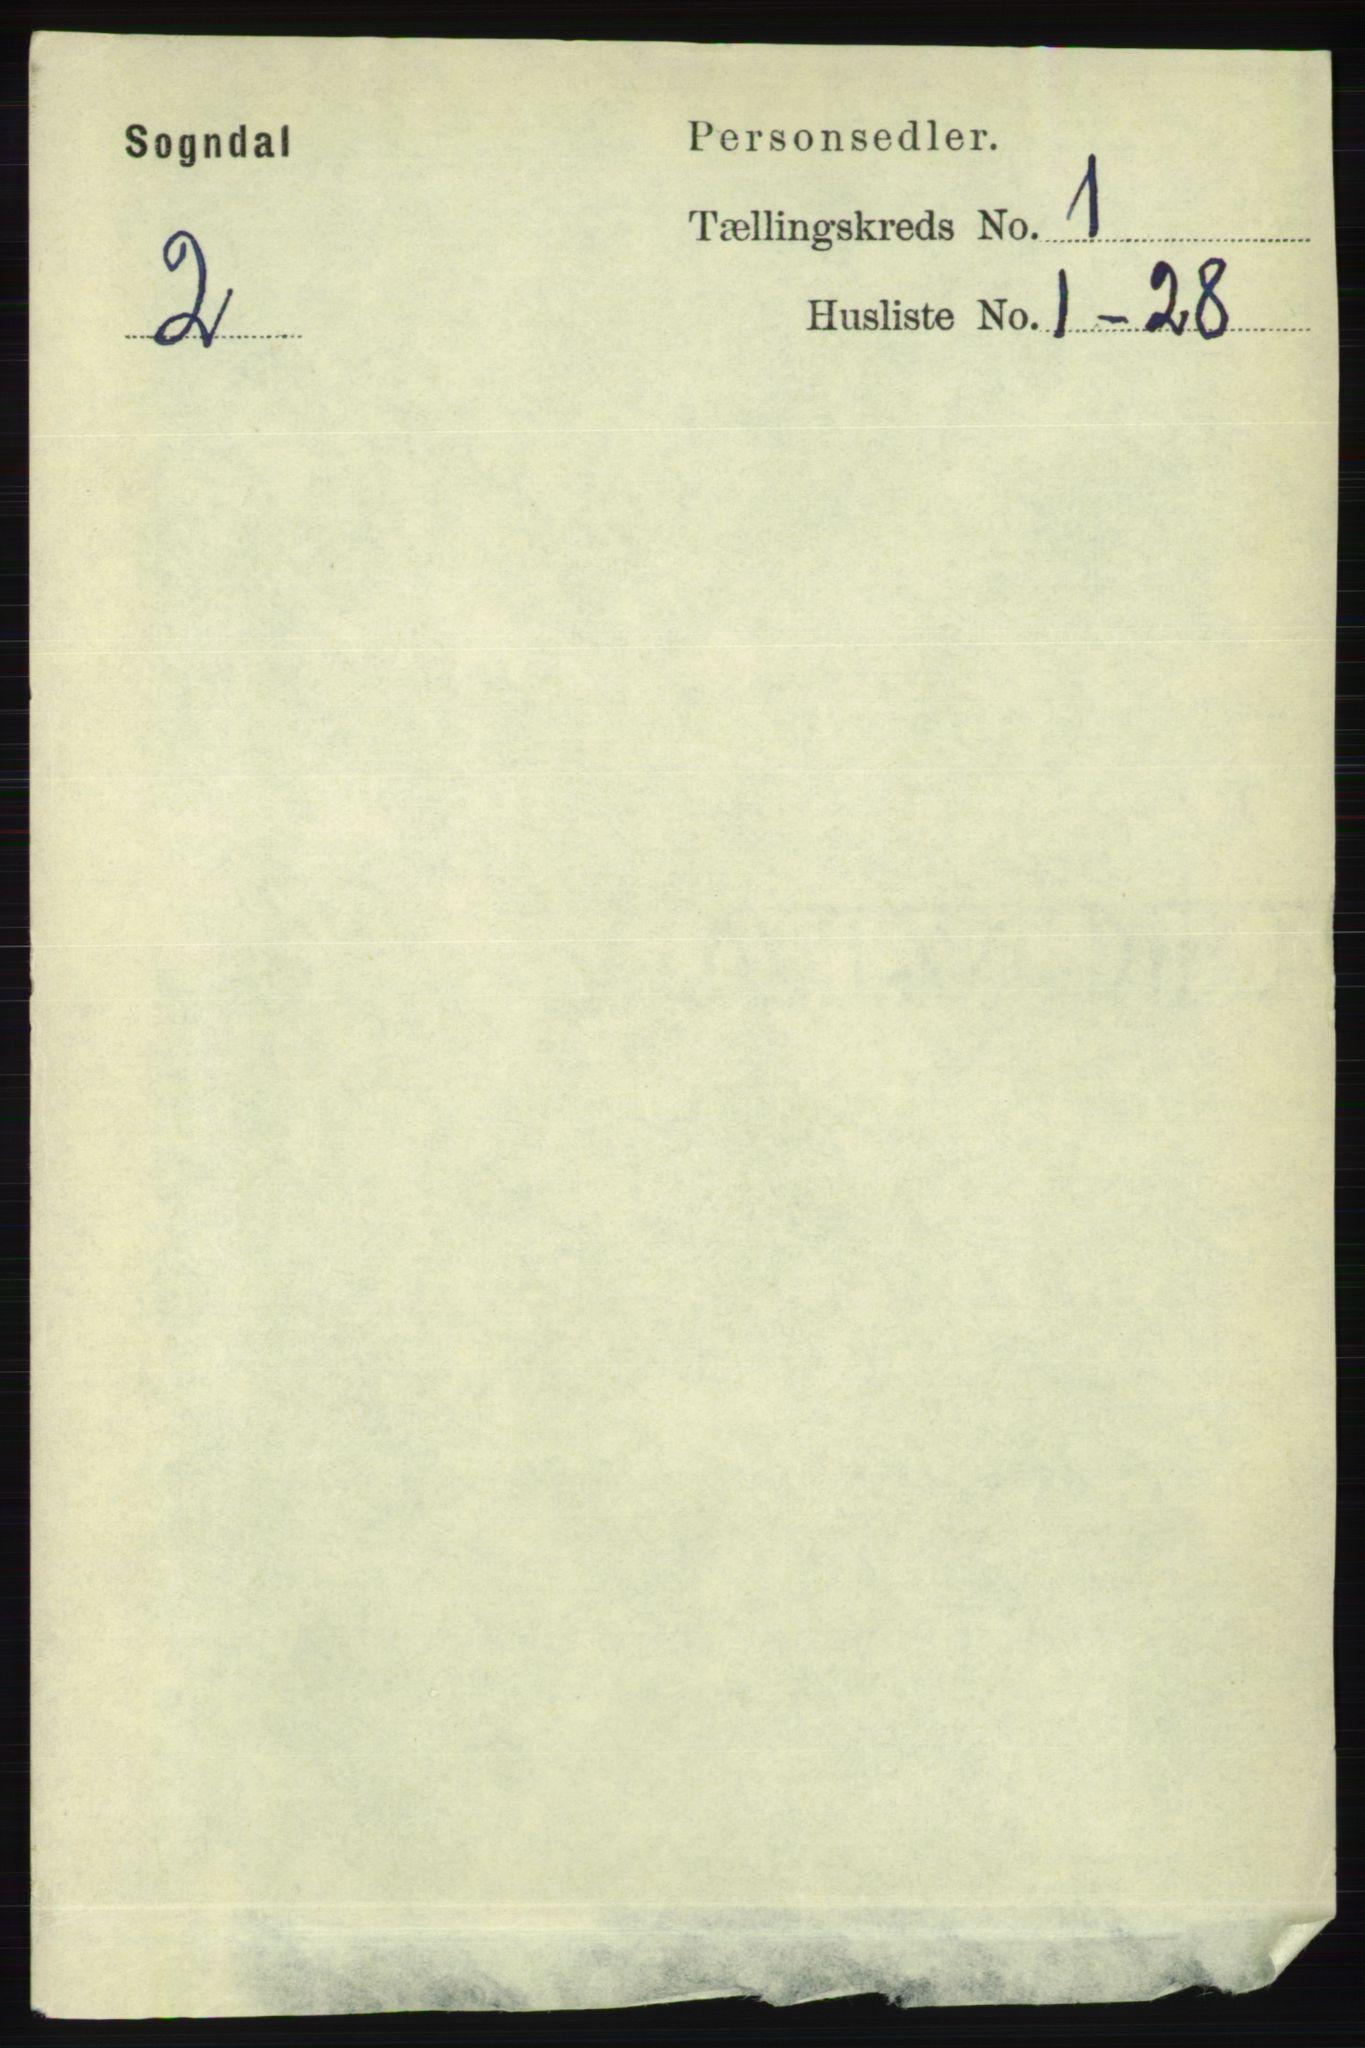 RA, Folketelling 1891 for 1111 Sokndal herred, 1891, s. 86